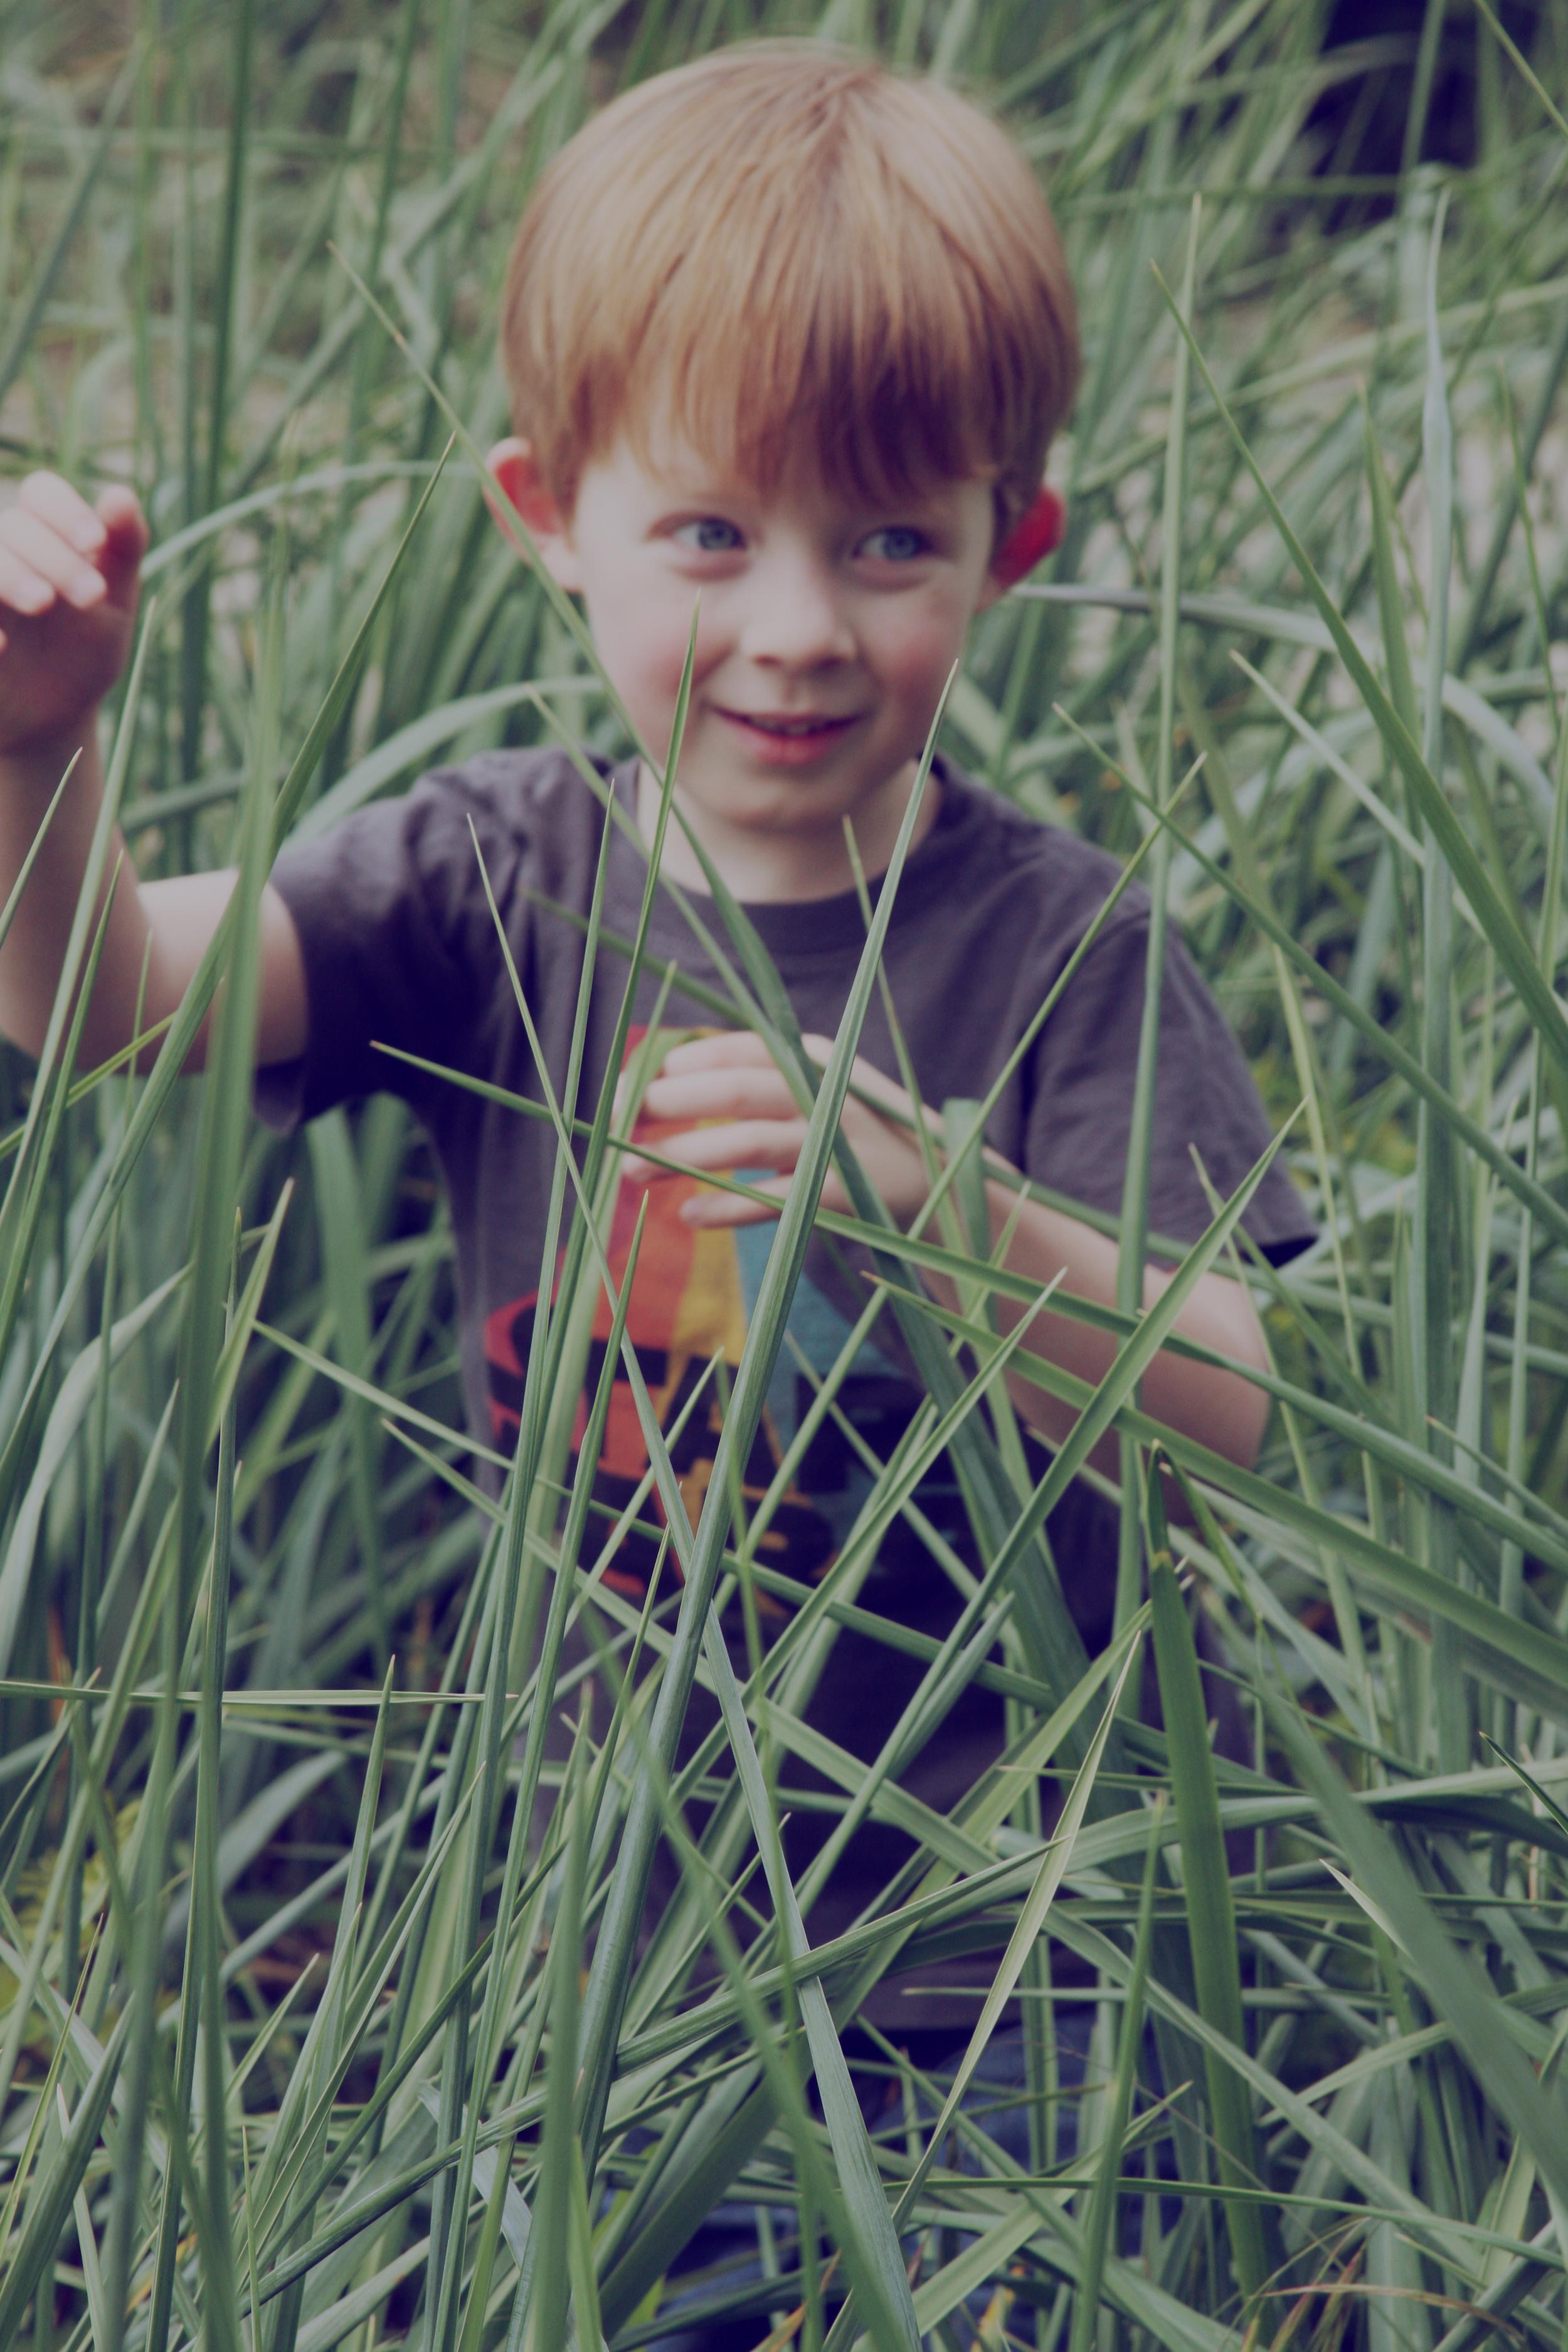 jungle boy.jpg